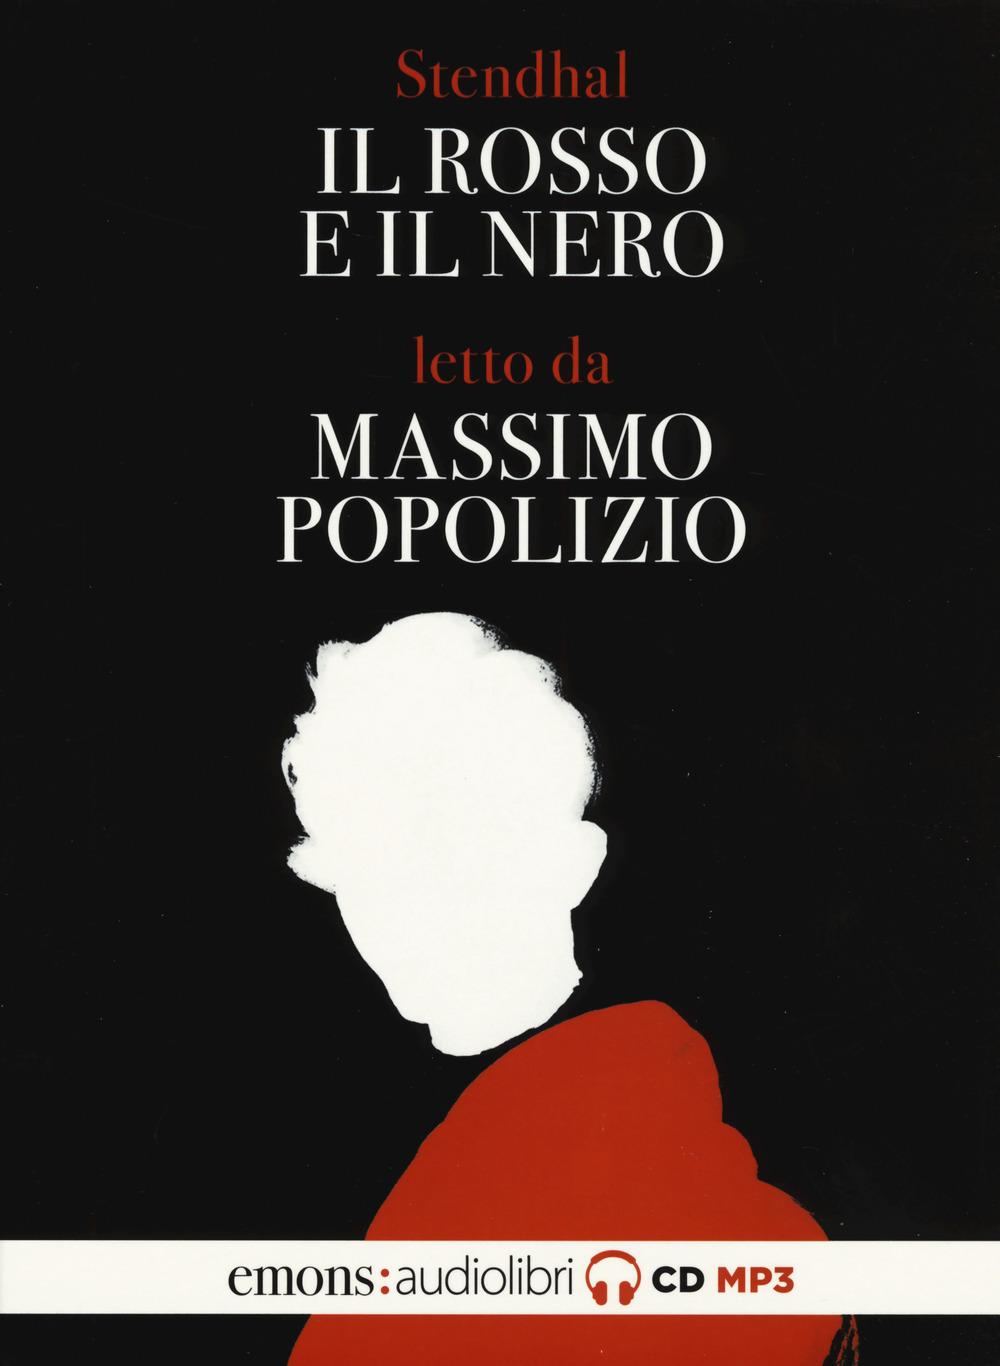 Audiolibro Stendhal - Il Rosso E Il Nero Letto Da Massimo Popolizio. Audiolibro. 2 CD Audio Formato MP3 NUOVO SIGILLATO, EDIZIONE DEL 04/04/2019 SUBITO DISPONIBILE